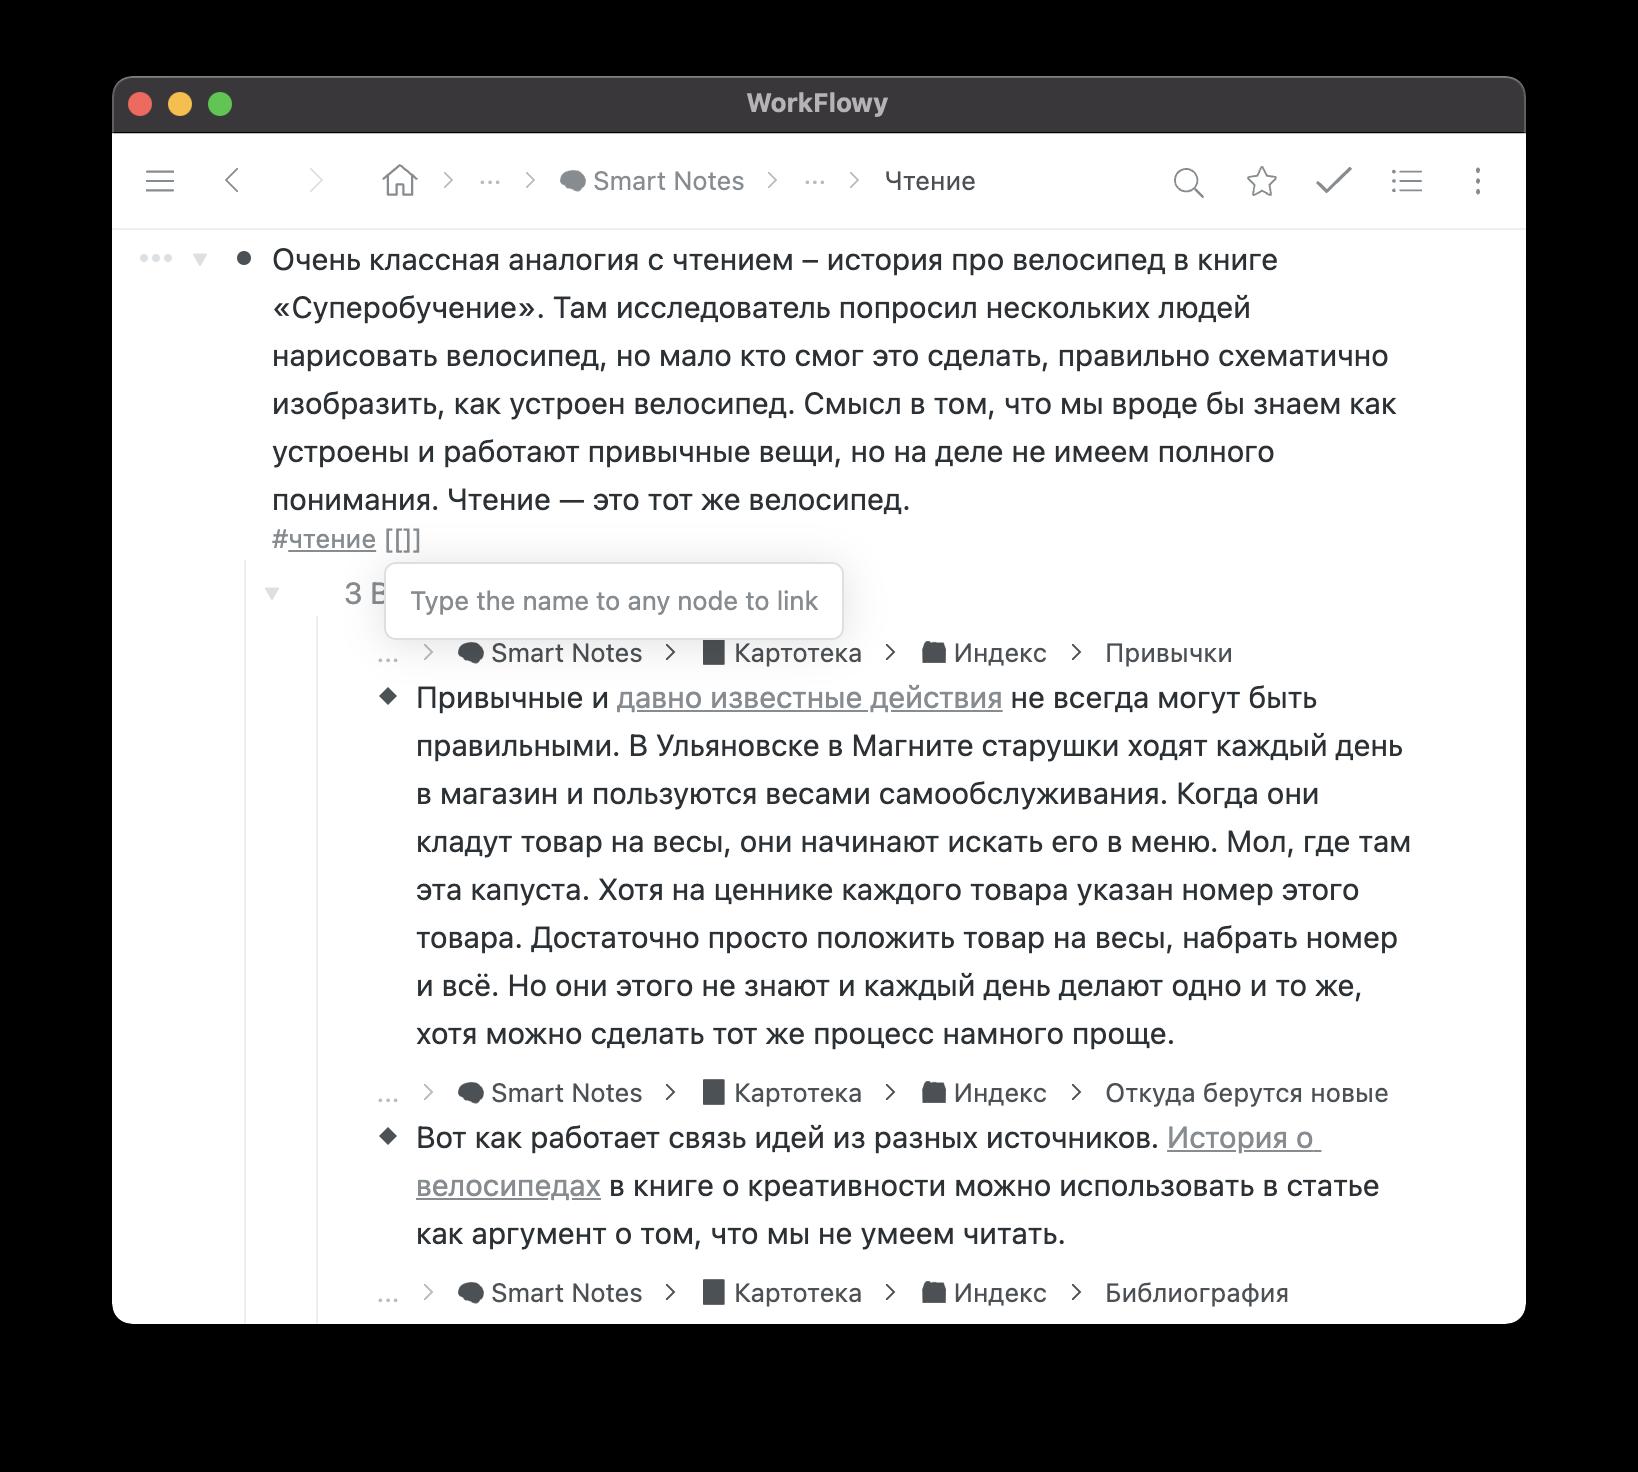 В WorkFlowy всё аккуратно и удобно, в том числе и обратные ссылки